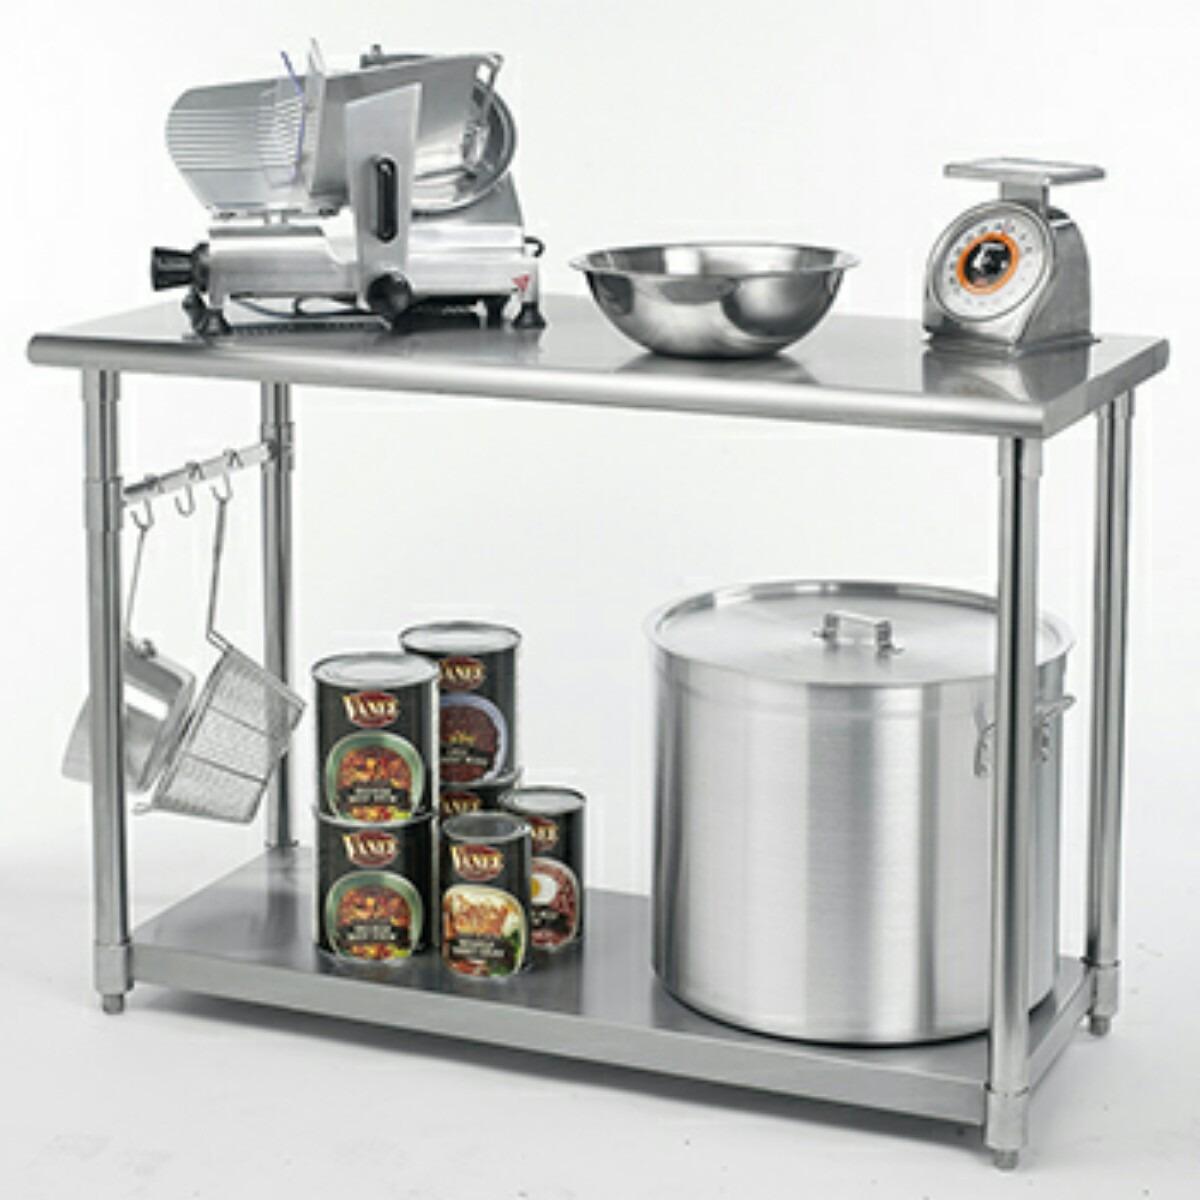 Mesa de trabajo acero inoxidable cocina gastronomia for Mesas de cocina cuadradas